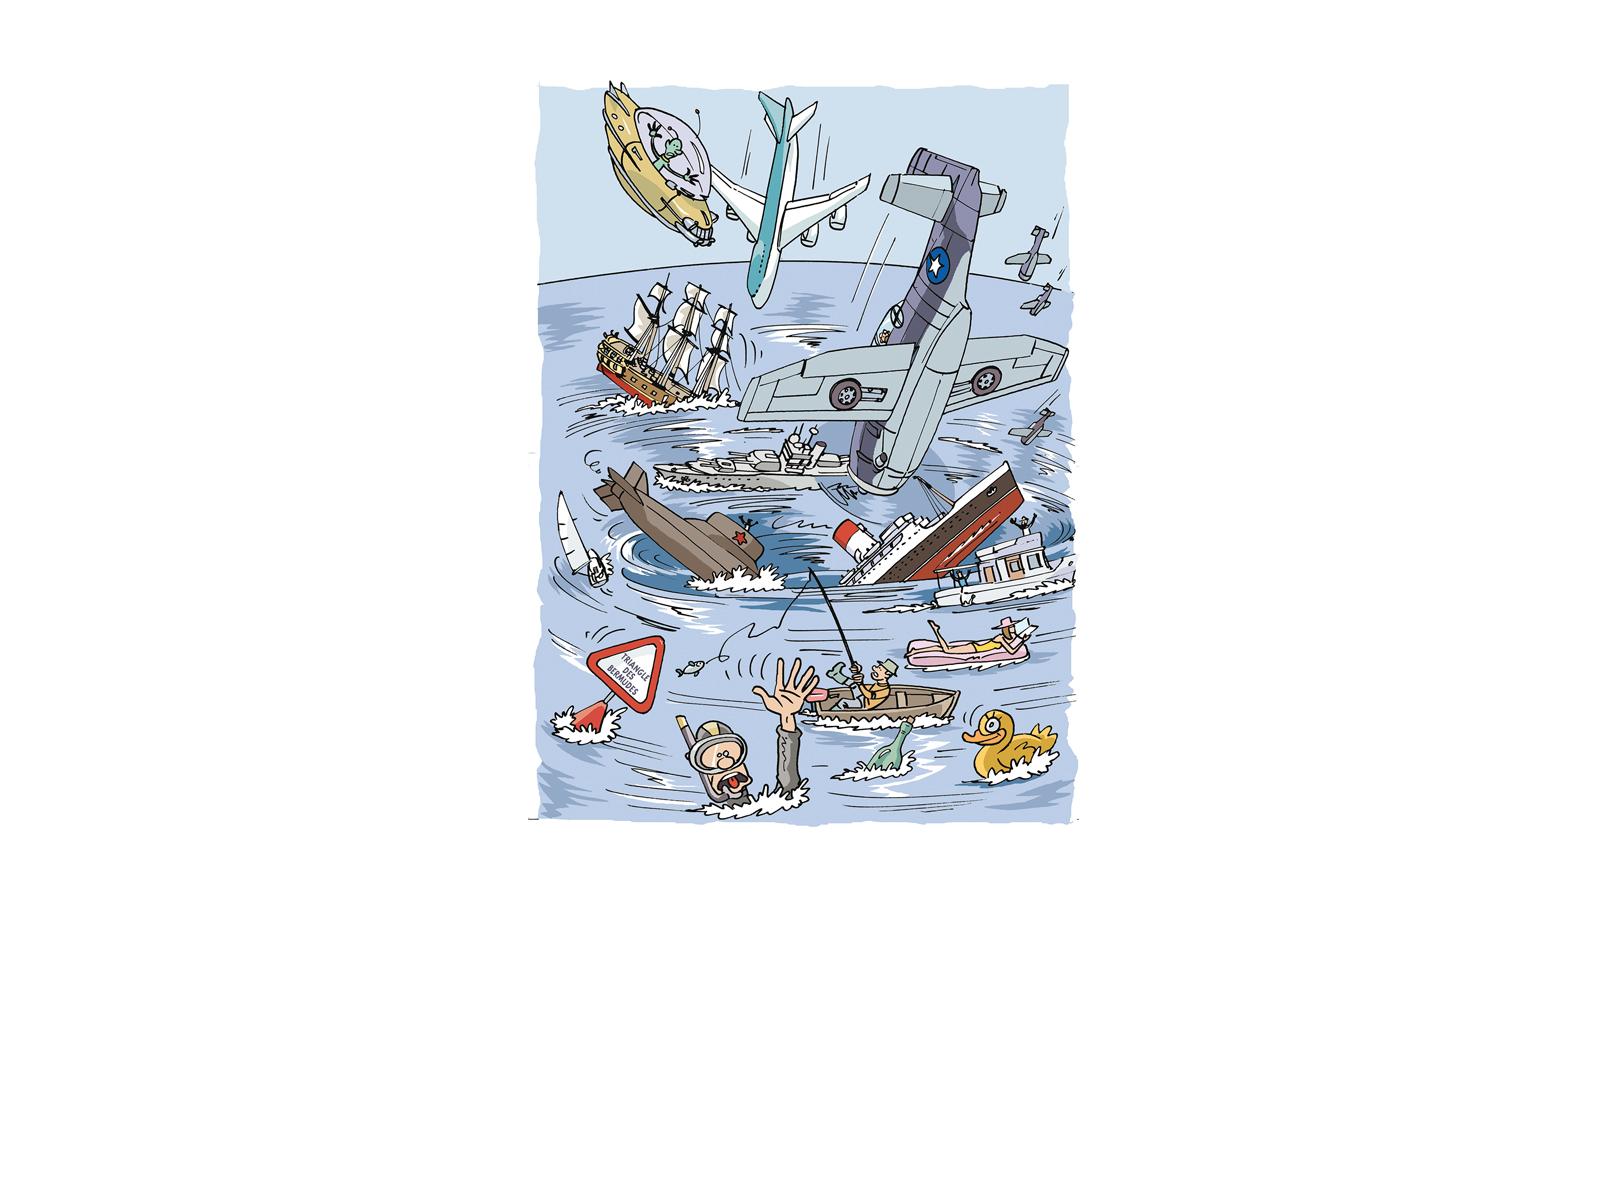 illustrations-manuelfontegne-3914